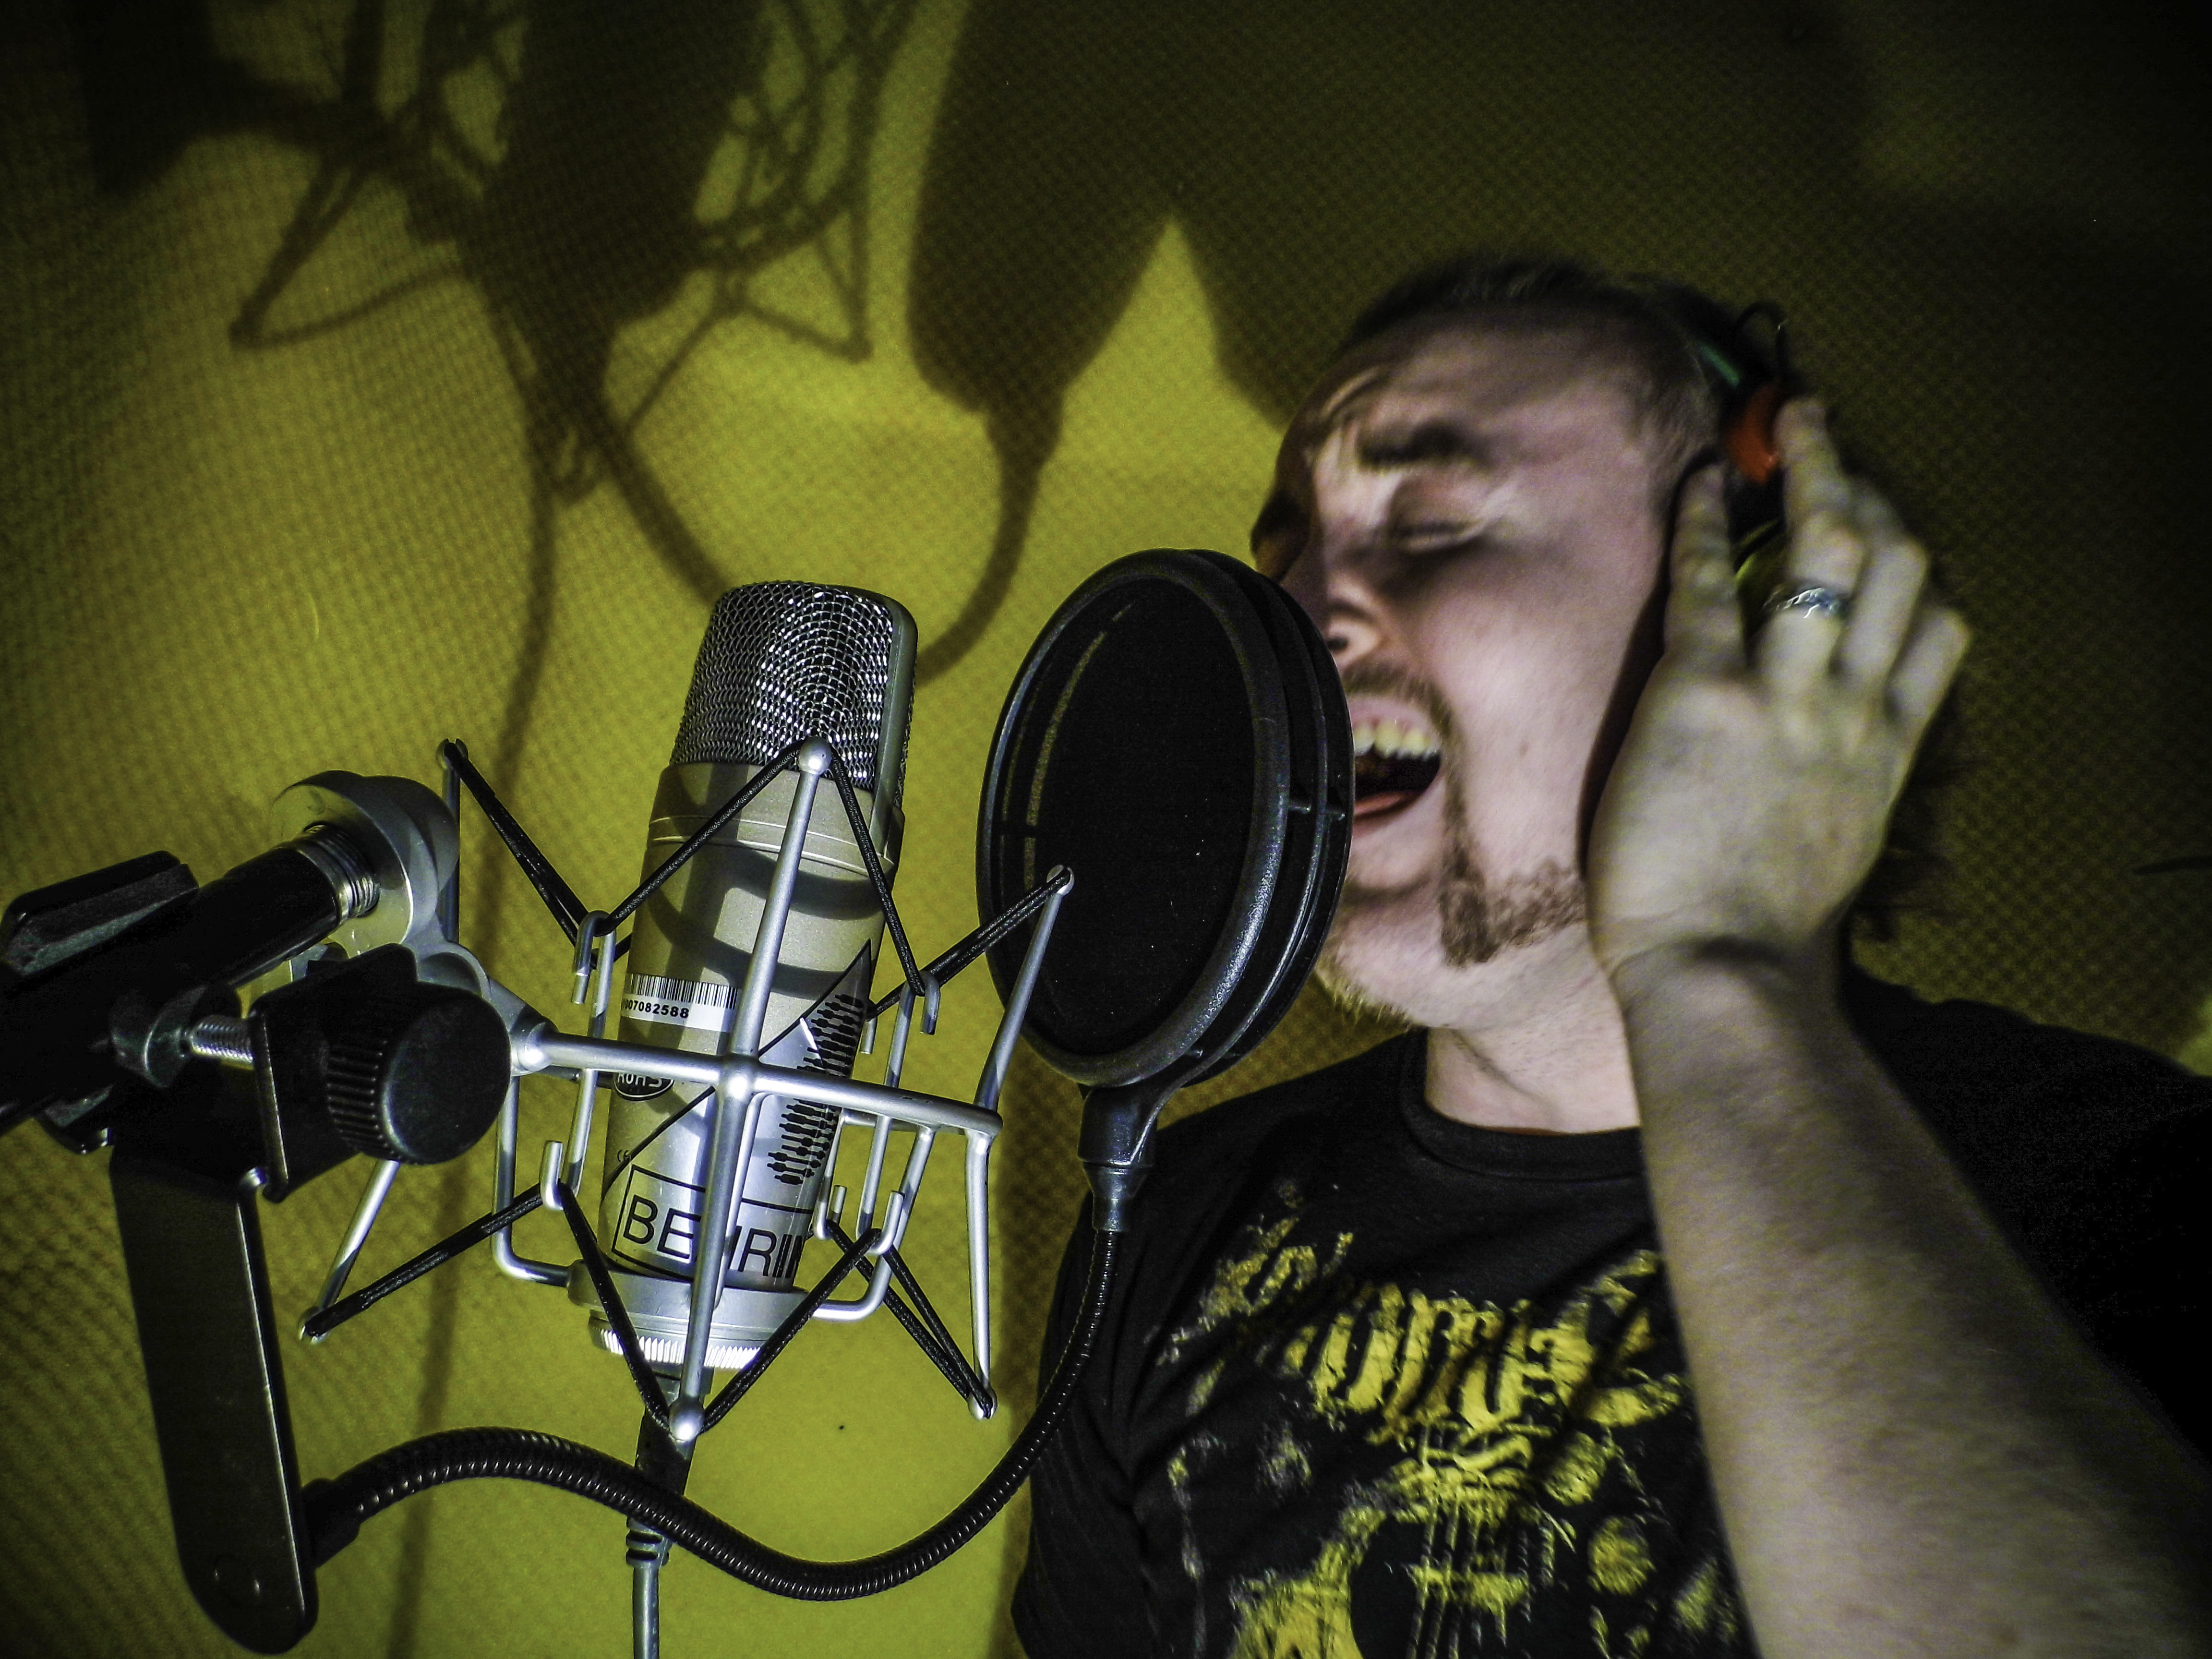 Demo Vocals